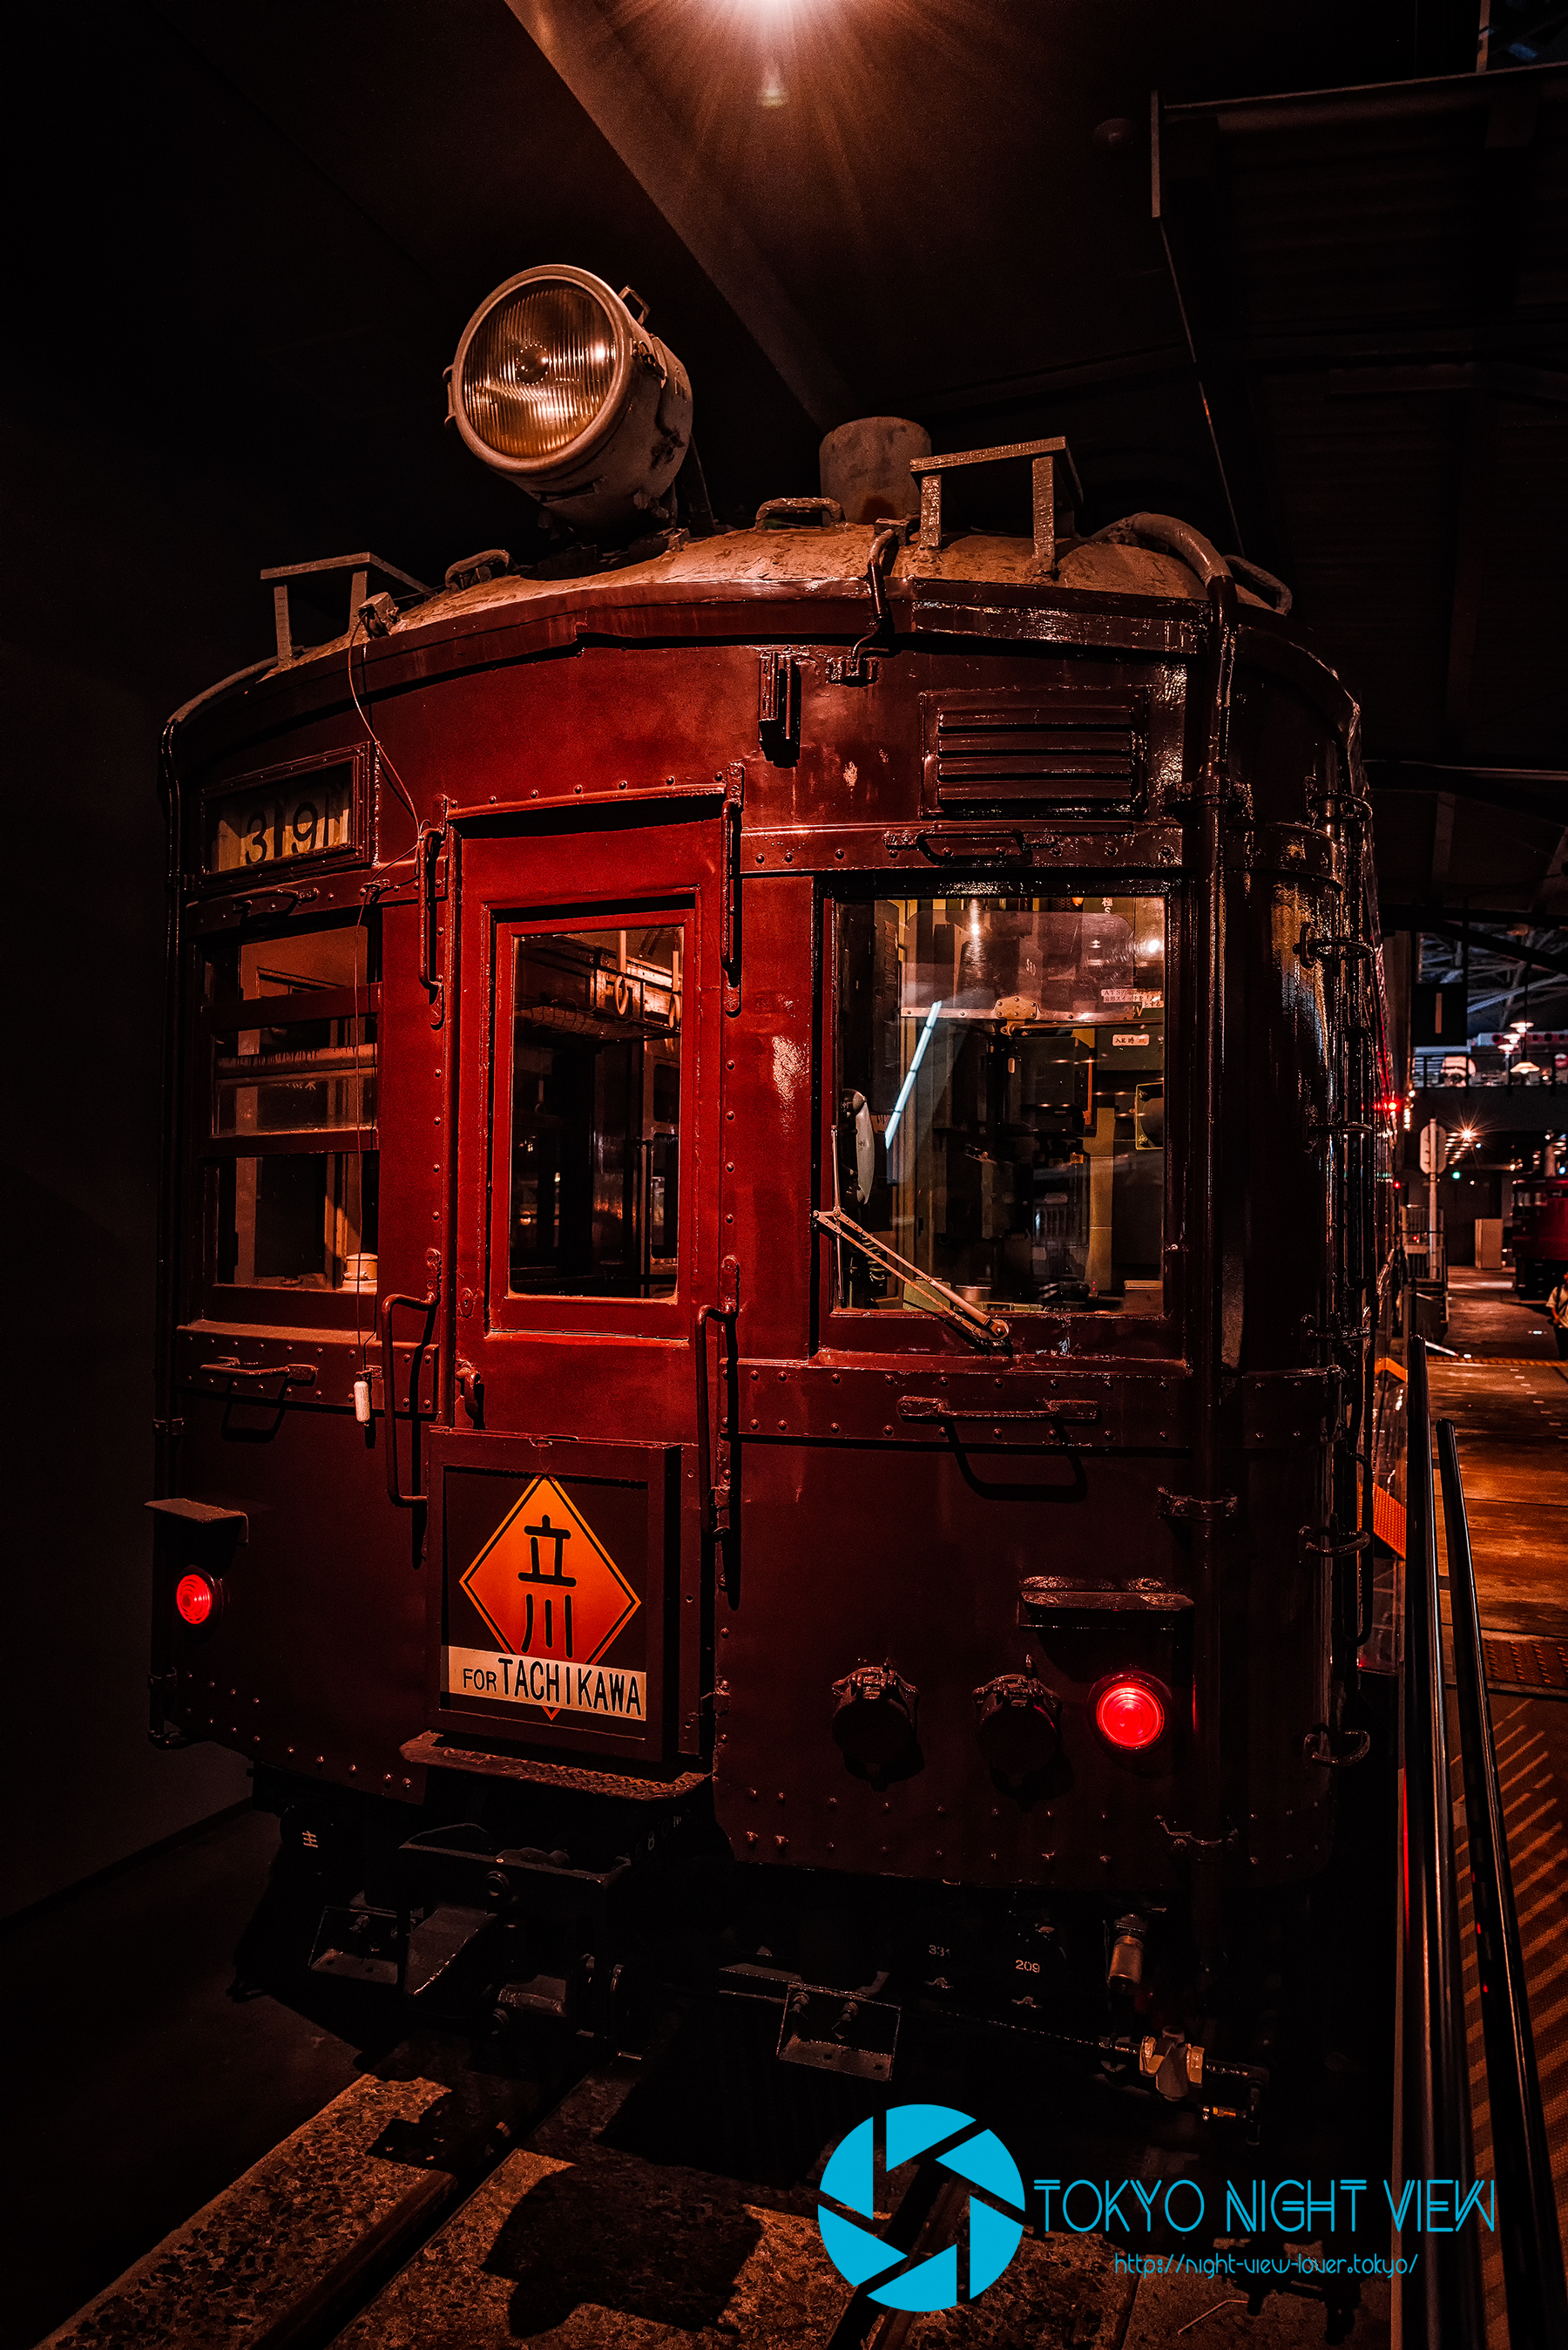 鉄道博物館 クモハ40形